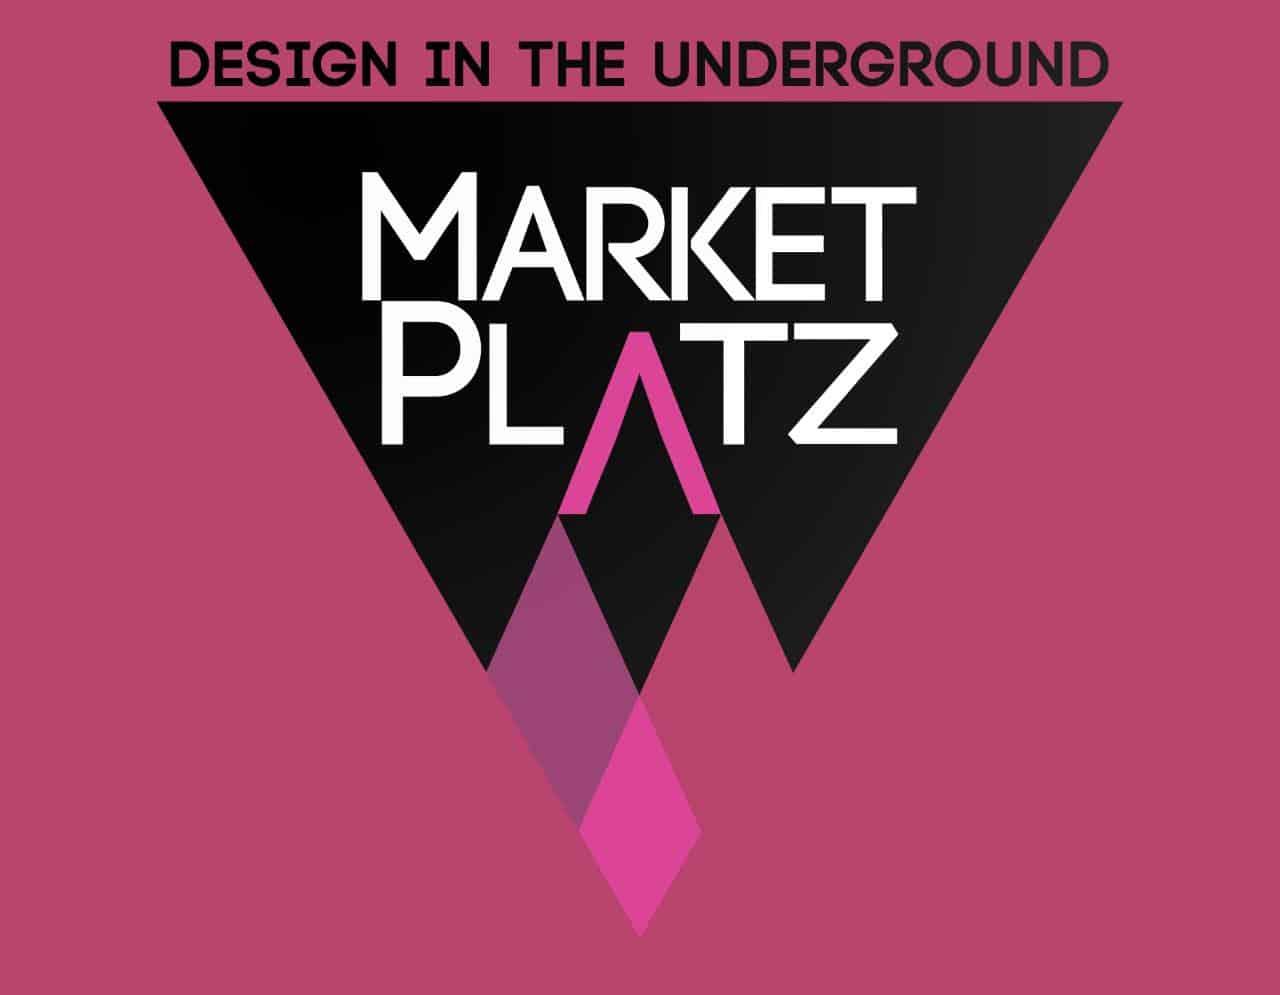 marketplatz-1